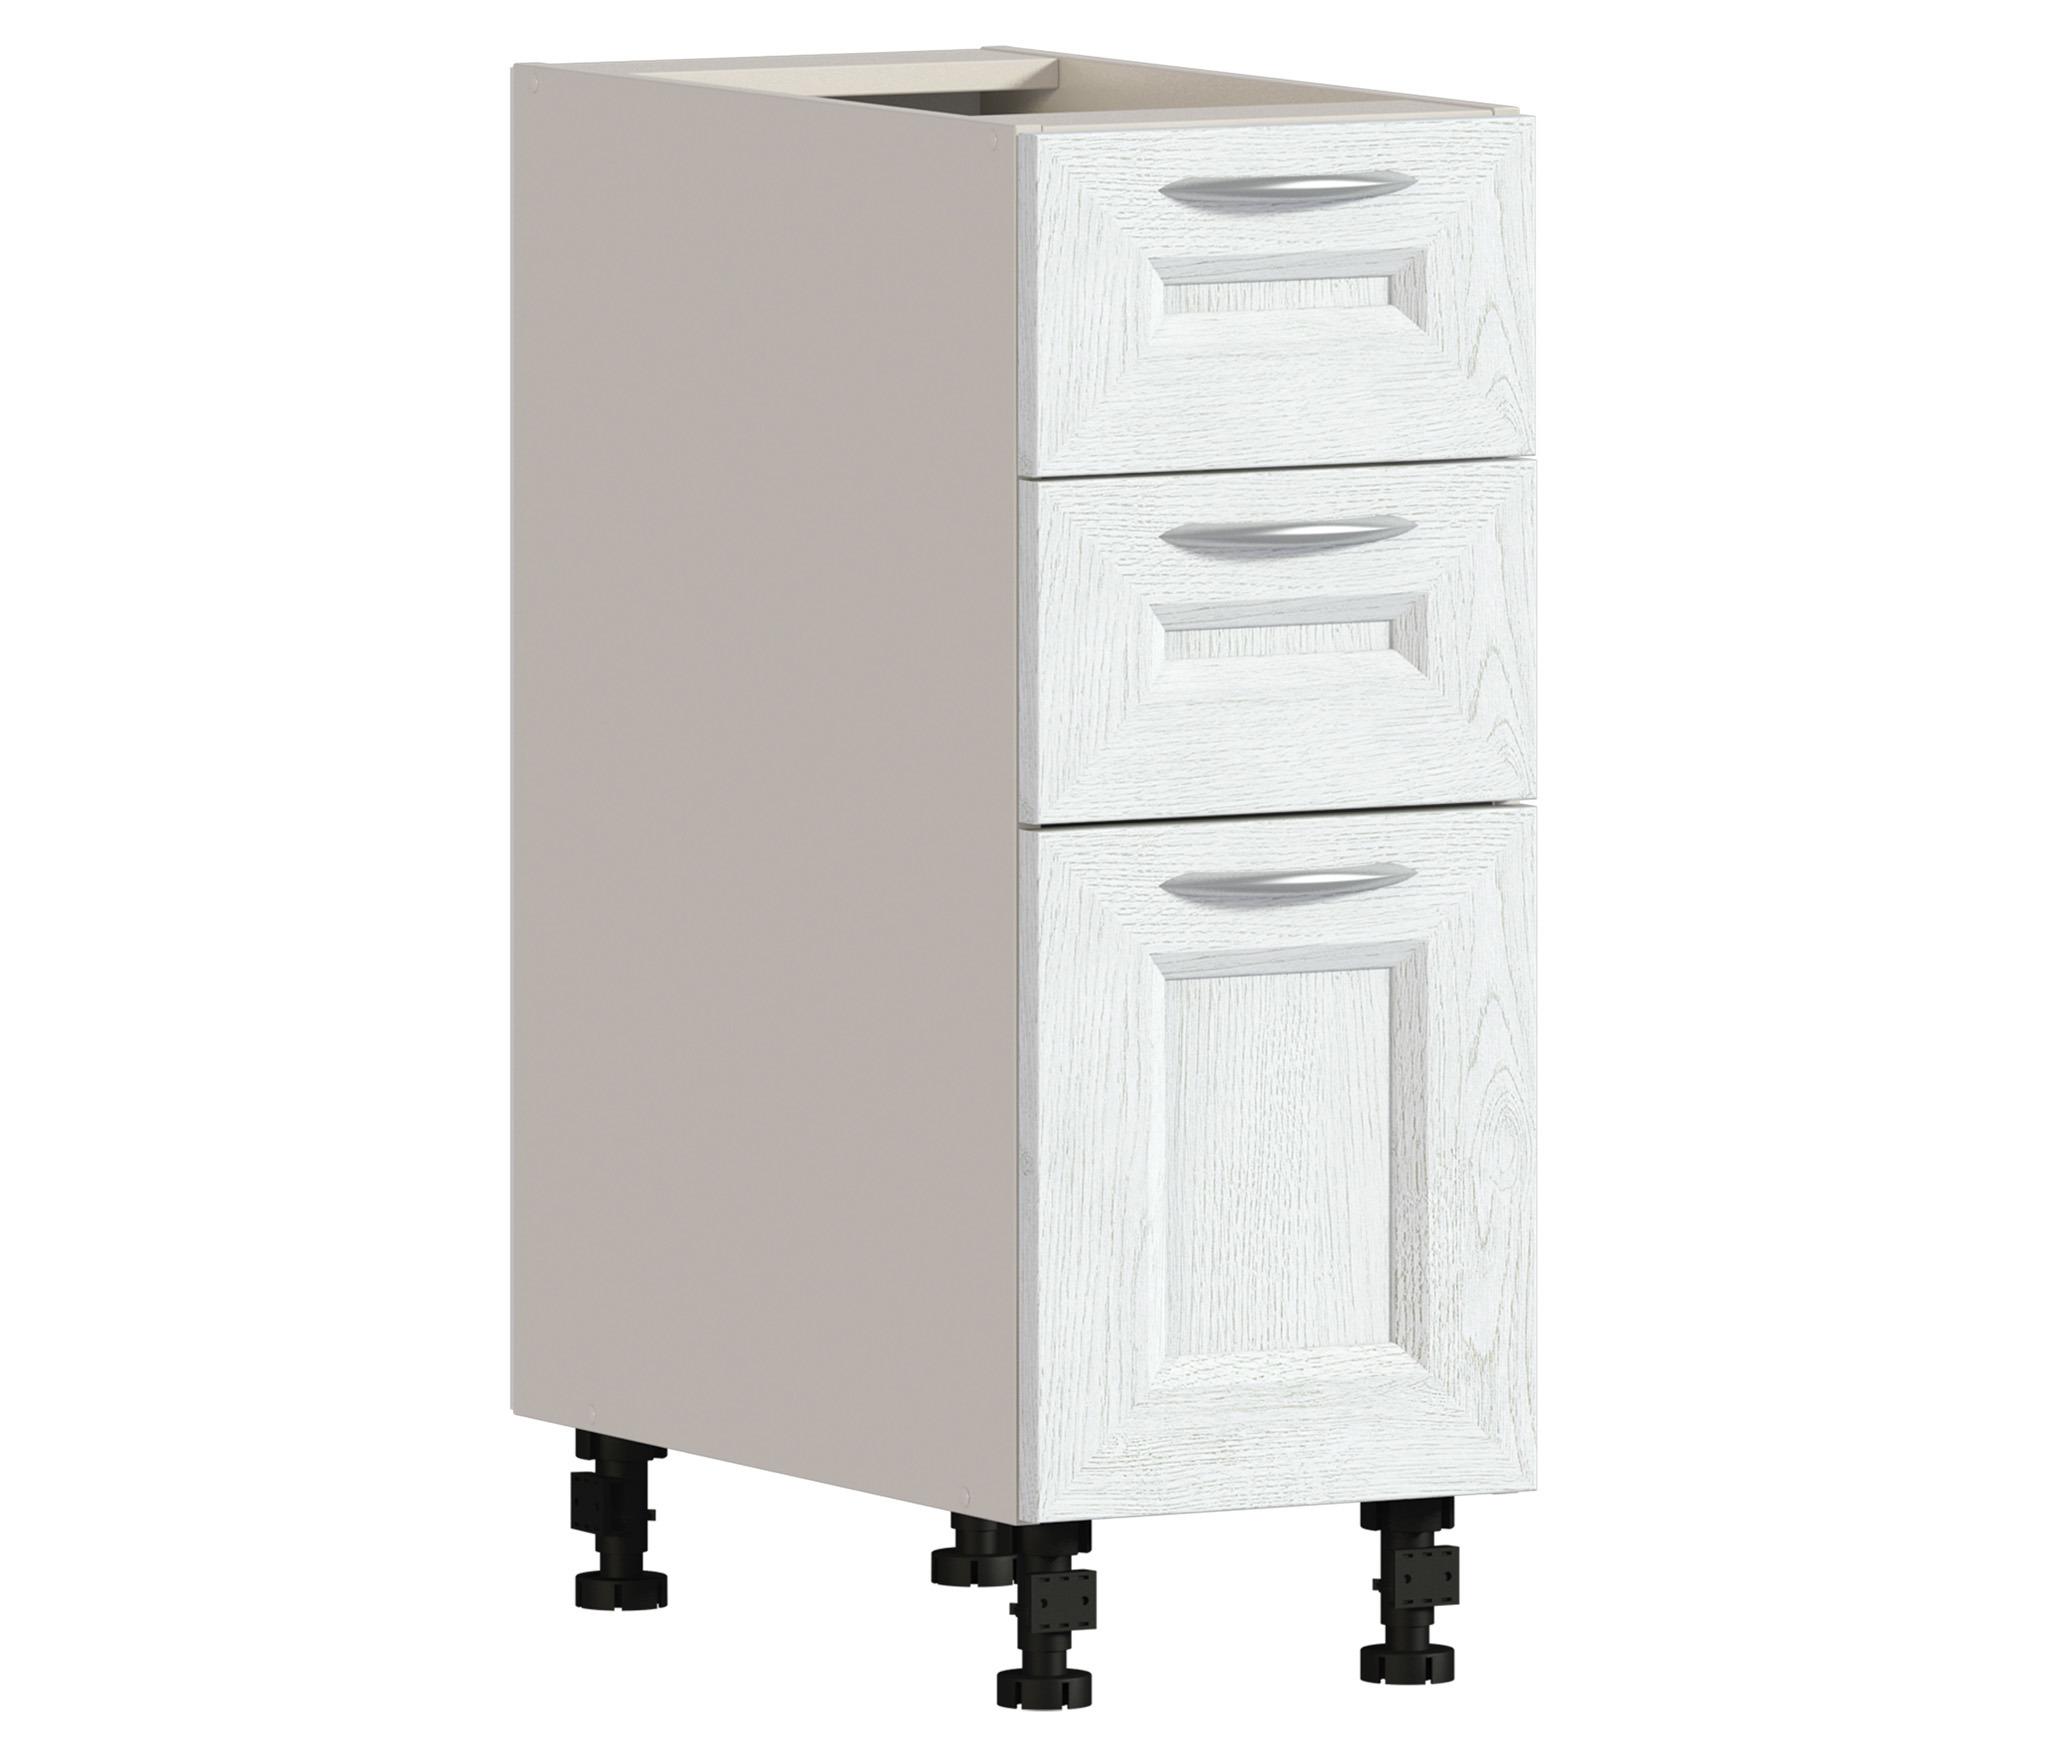 Регина РСЯ-30 Стол с ящикамиМебель для кухни<br><br><br>Длина мм: 300<br>Высота мм: 820<br>Глубина мм: 563